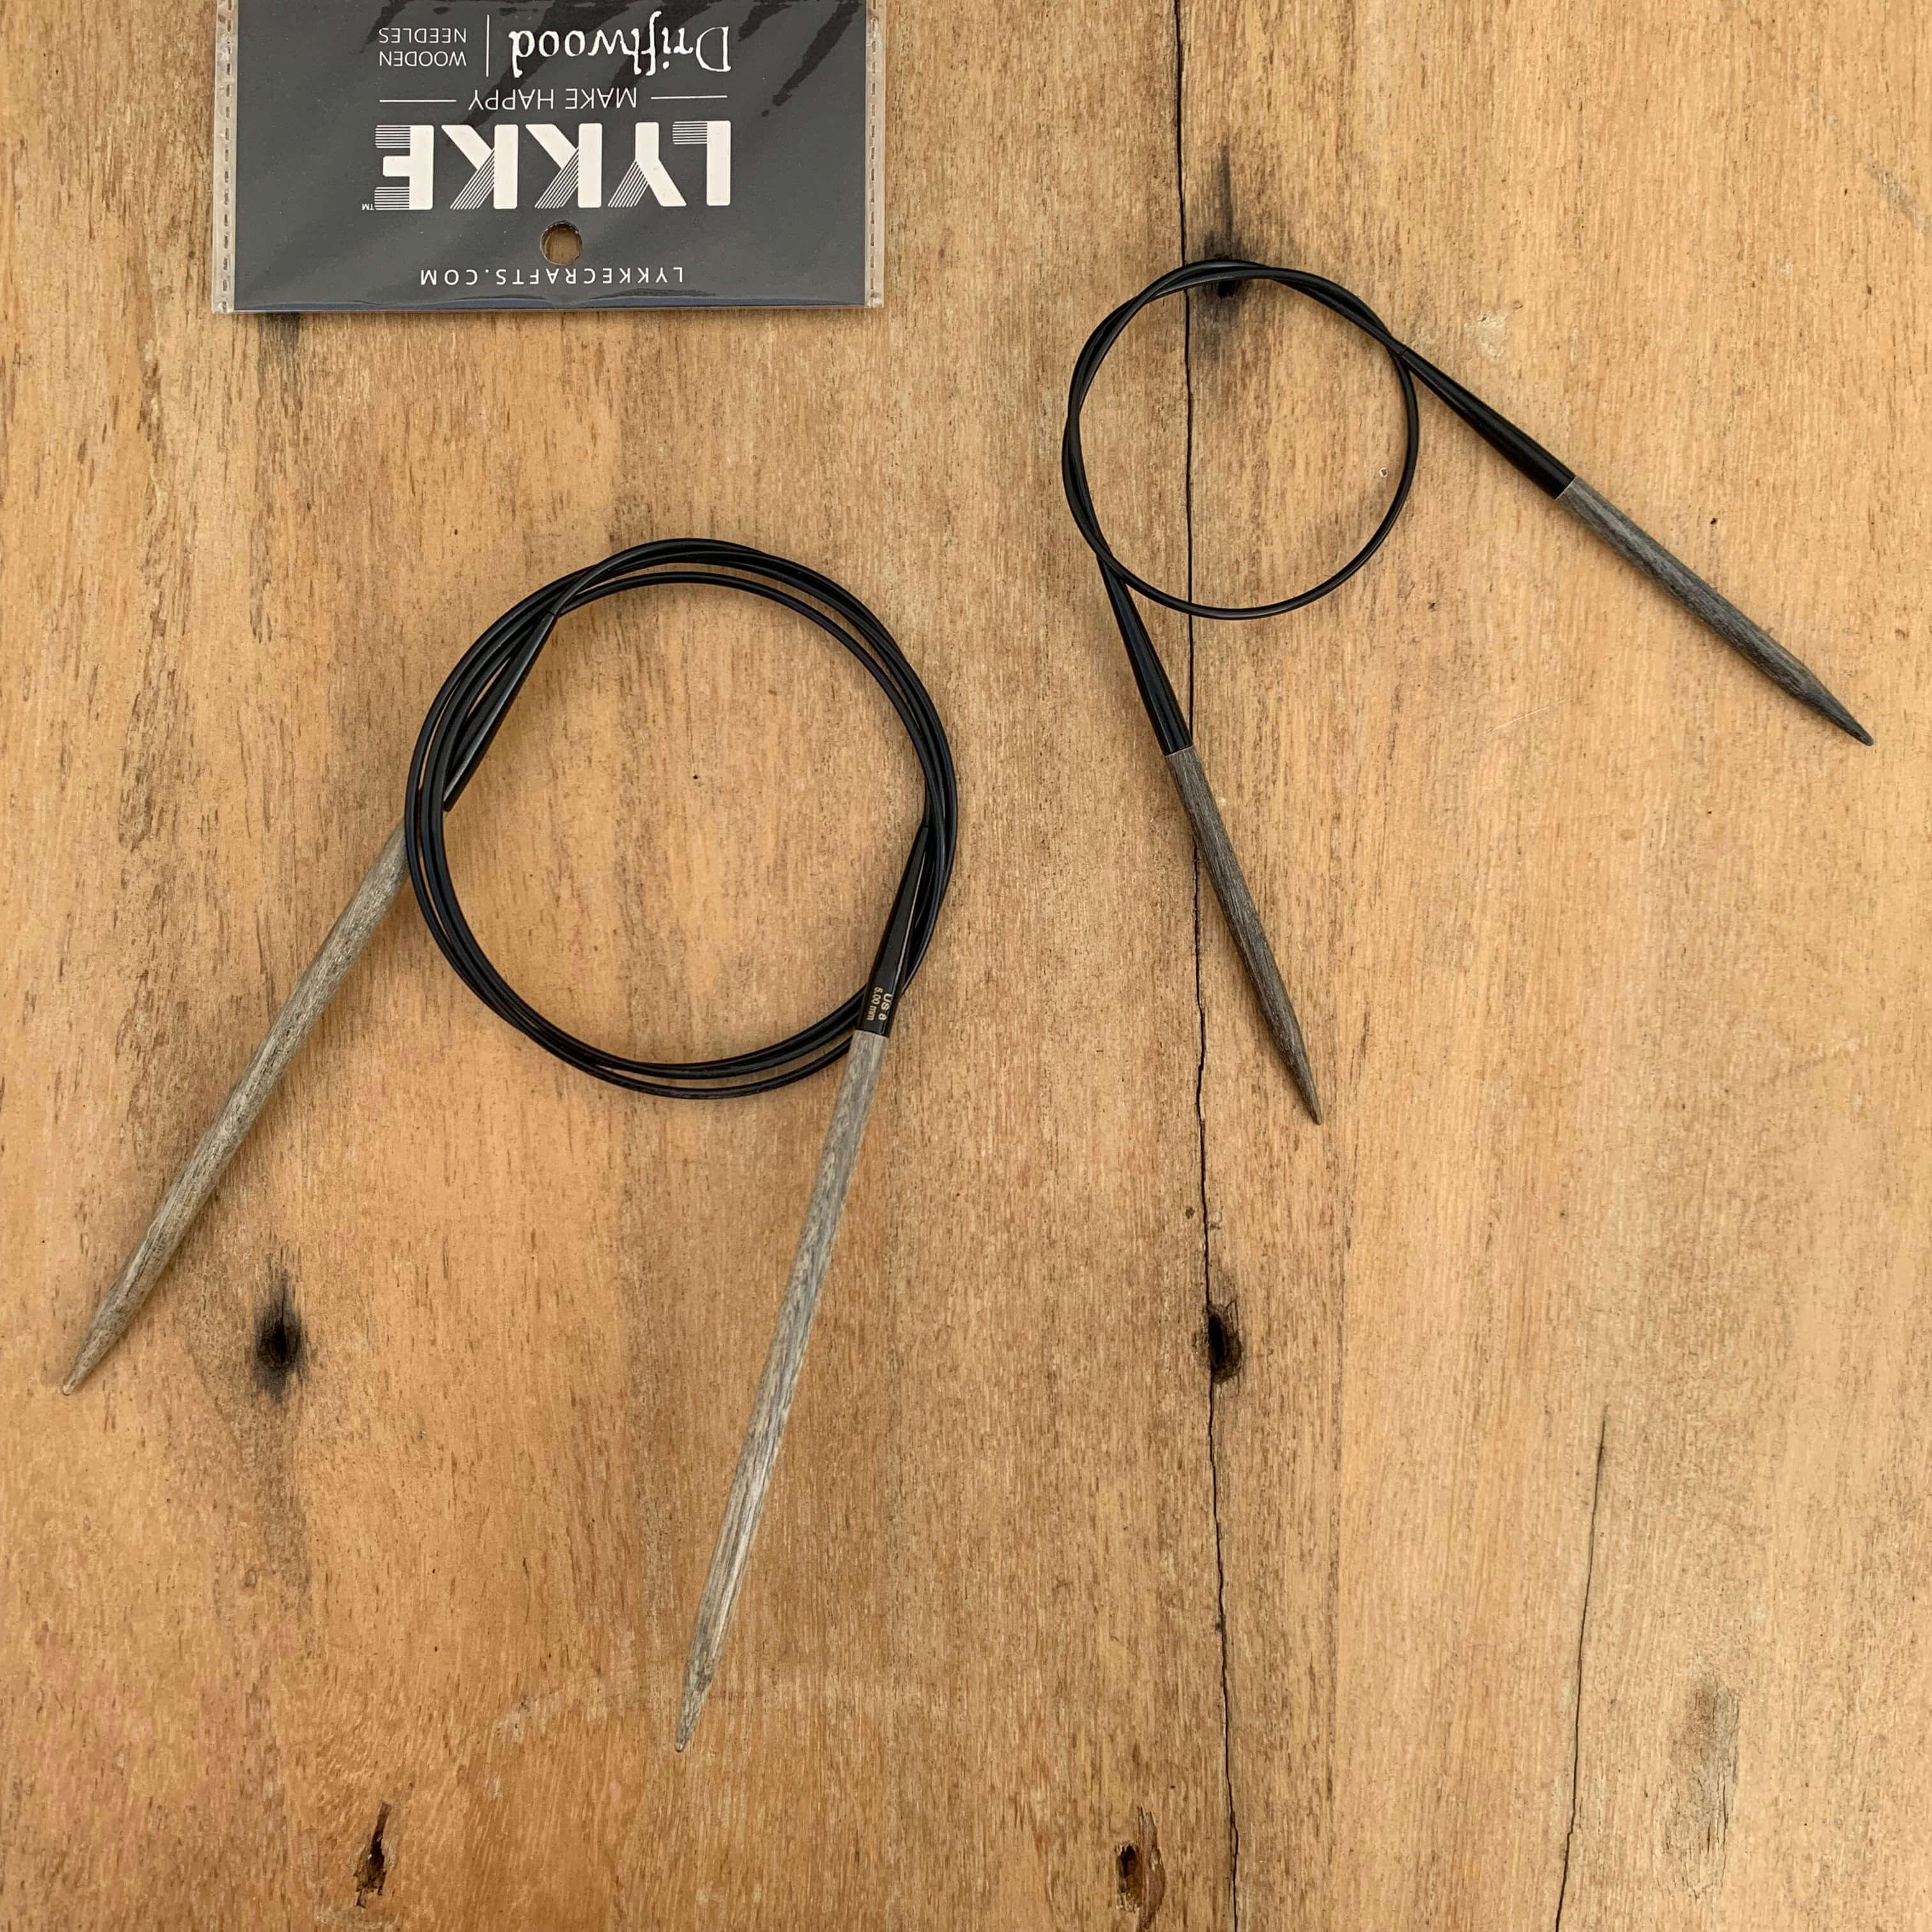 Lykke Circular Knitting Needles